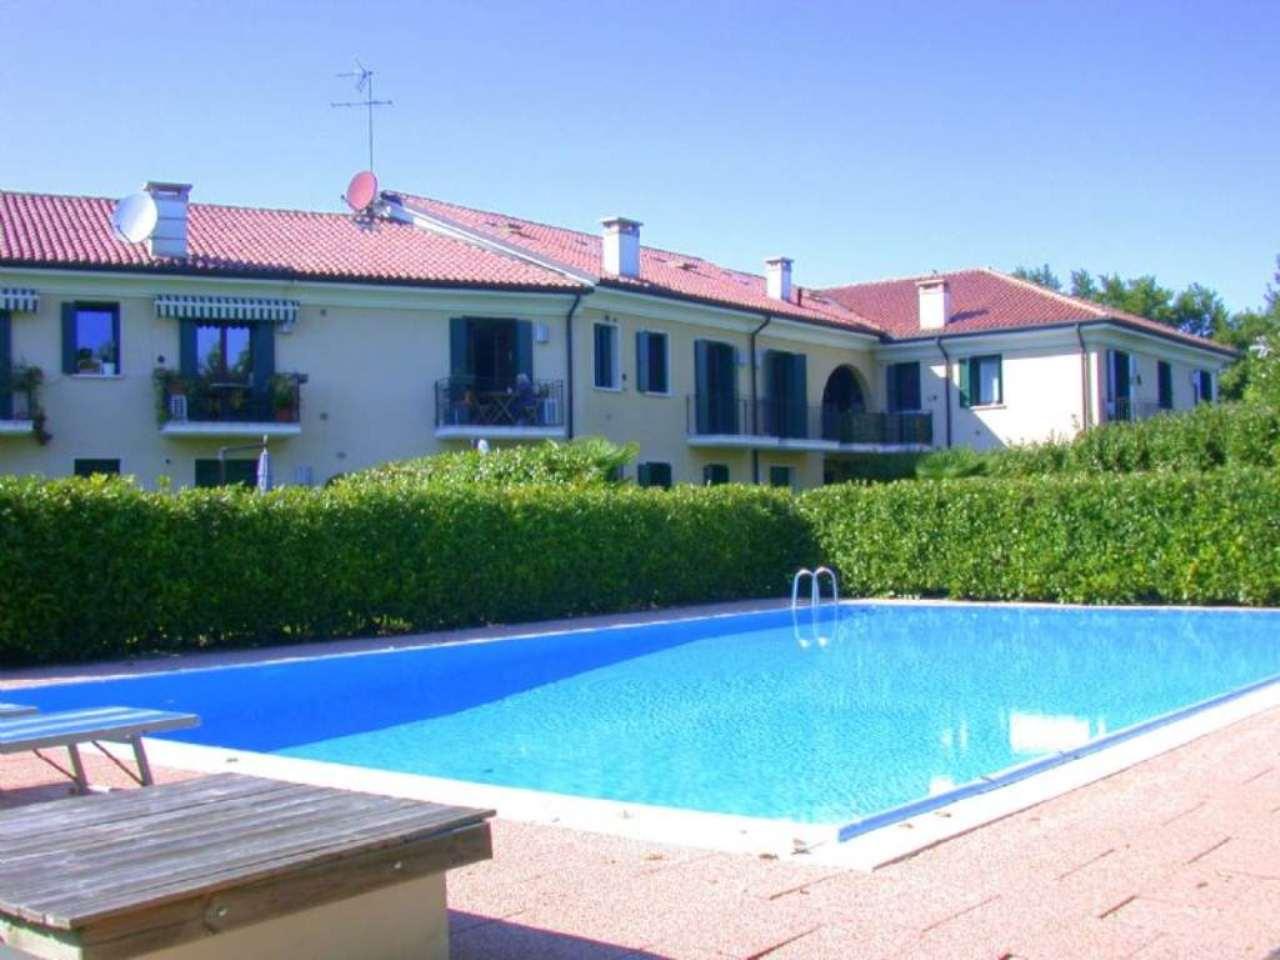 Appartamento in vendita a San Biagio di Callalta, 5 locali, prezzo € 165.000 | Cambio Casa.it